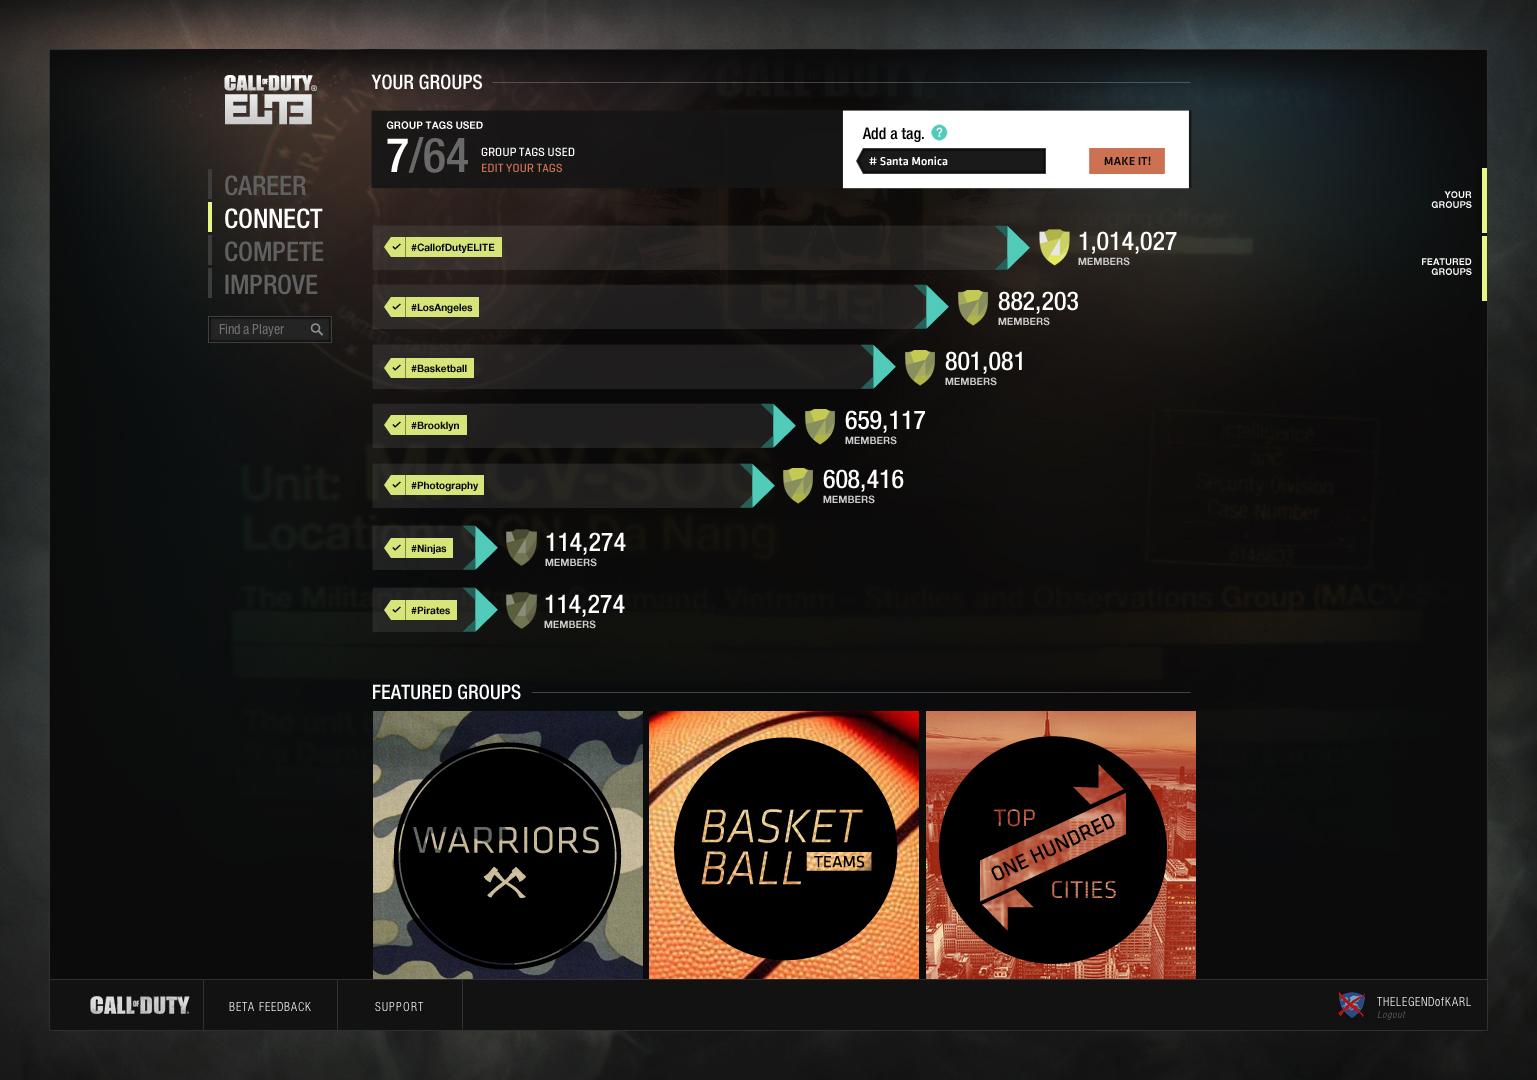 CoD má nejlepší komunitu na světě, říká Activision 42656